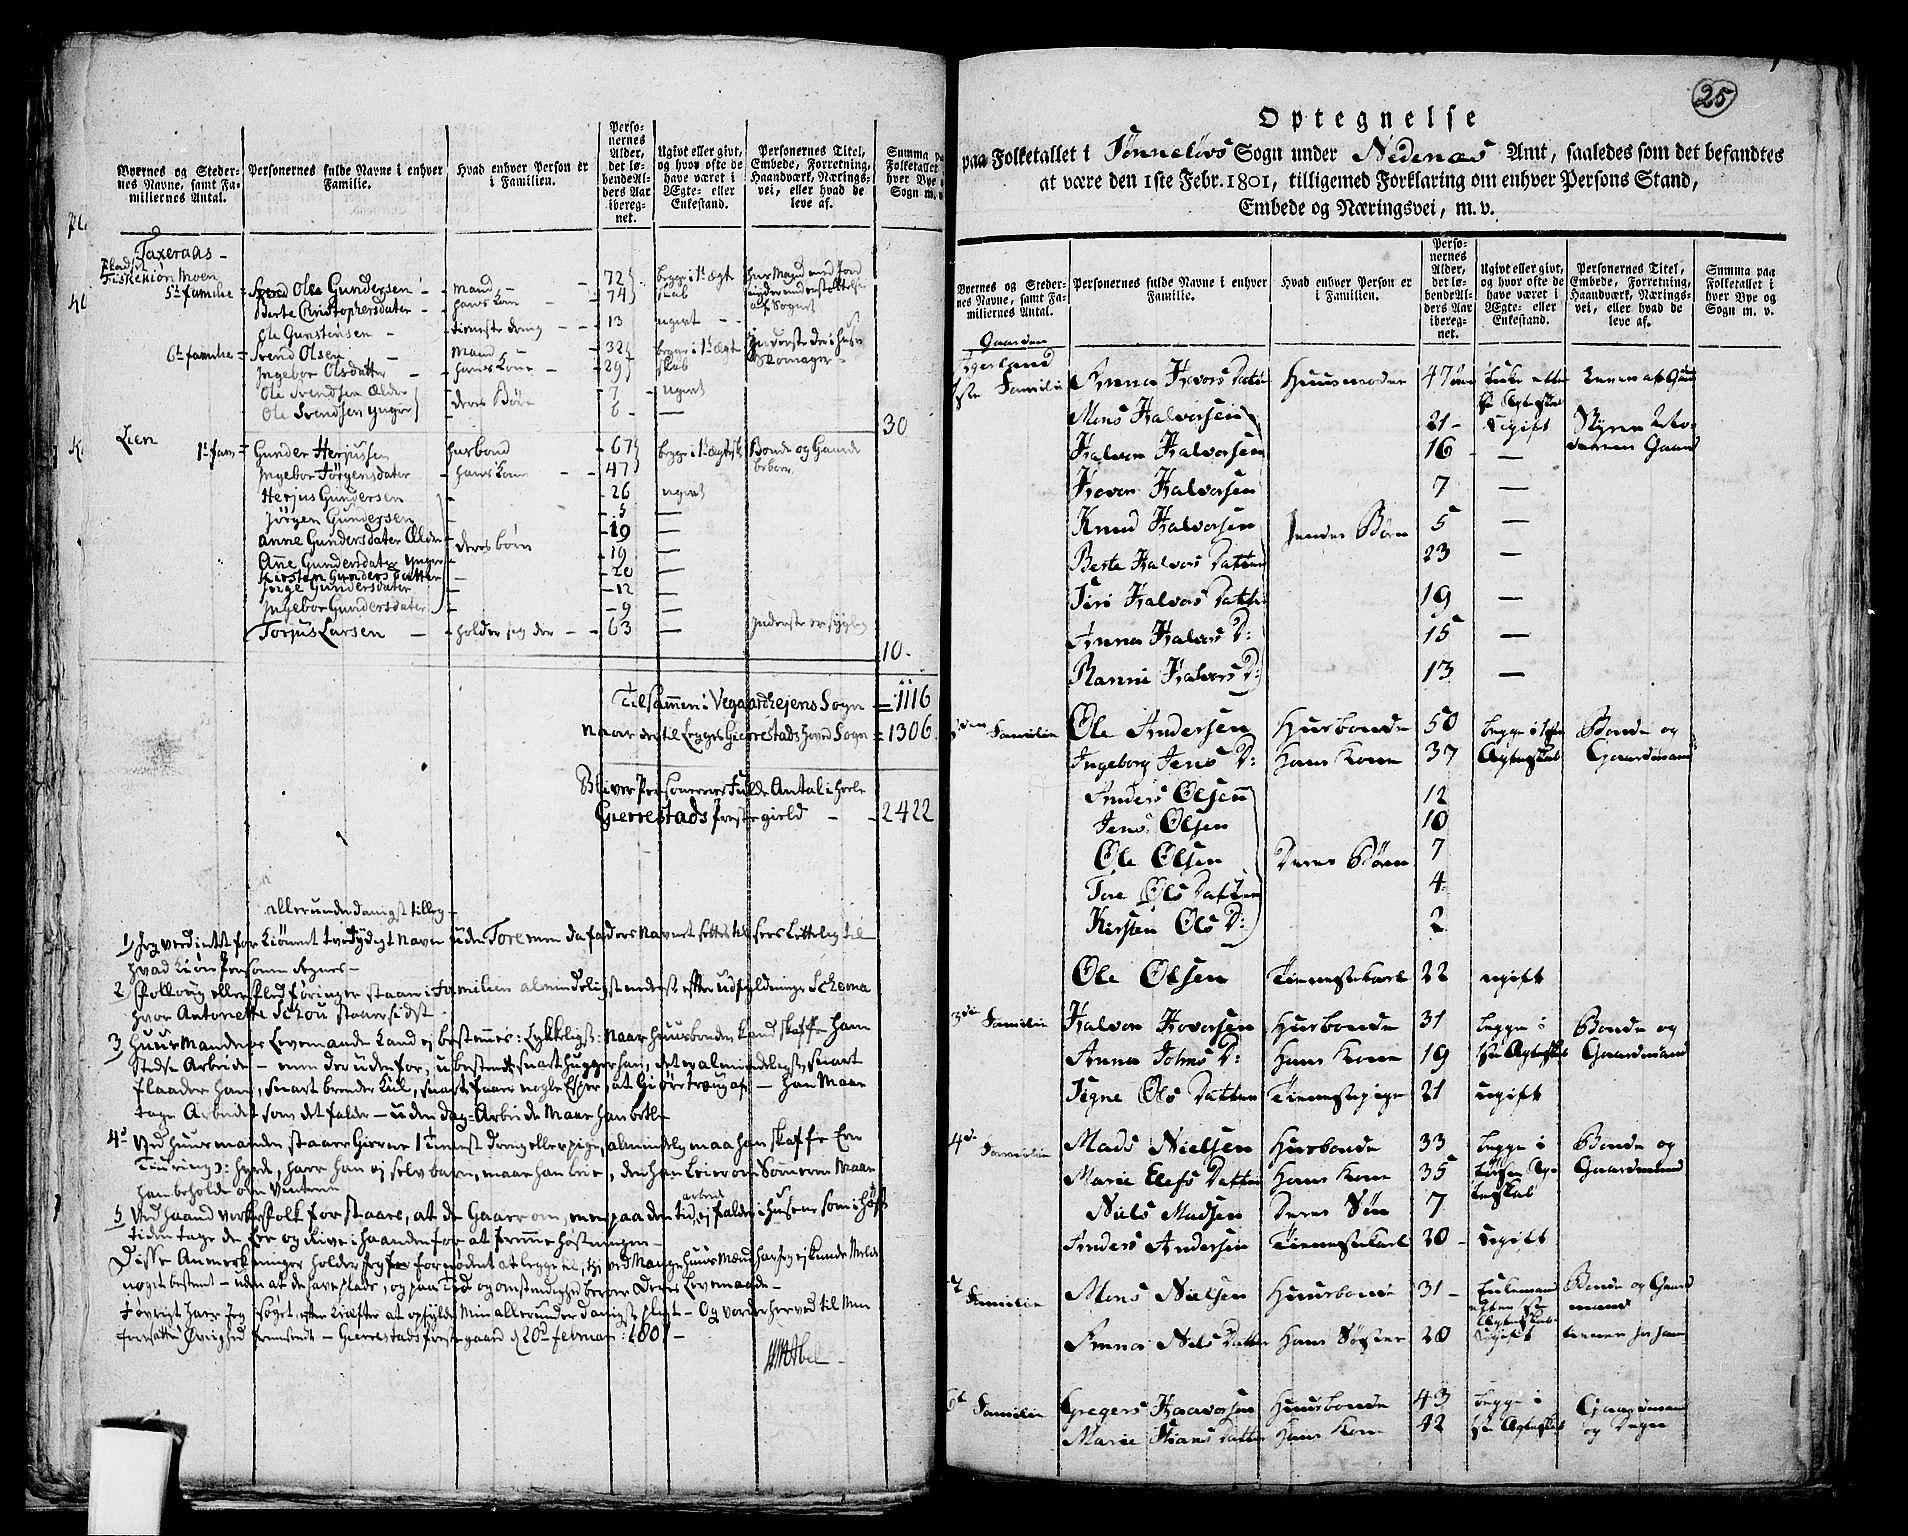 RA, Folketelling 1801 for 0901P Risør prestegjeld, 1801, s. 24b-25a